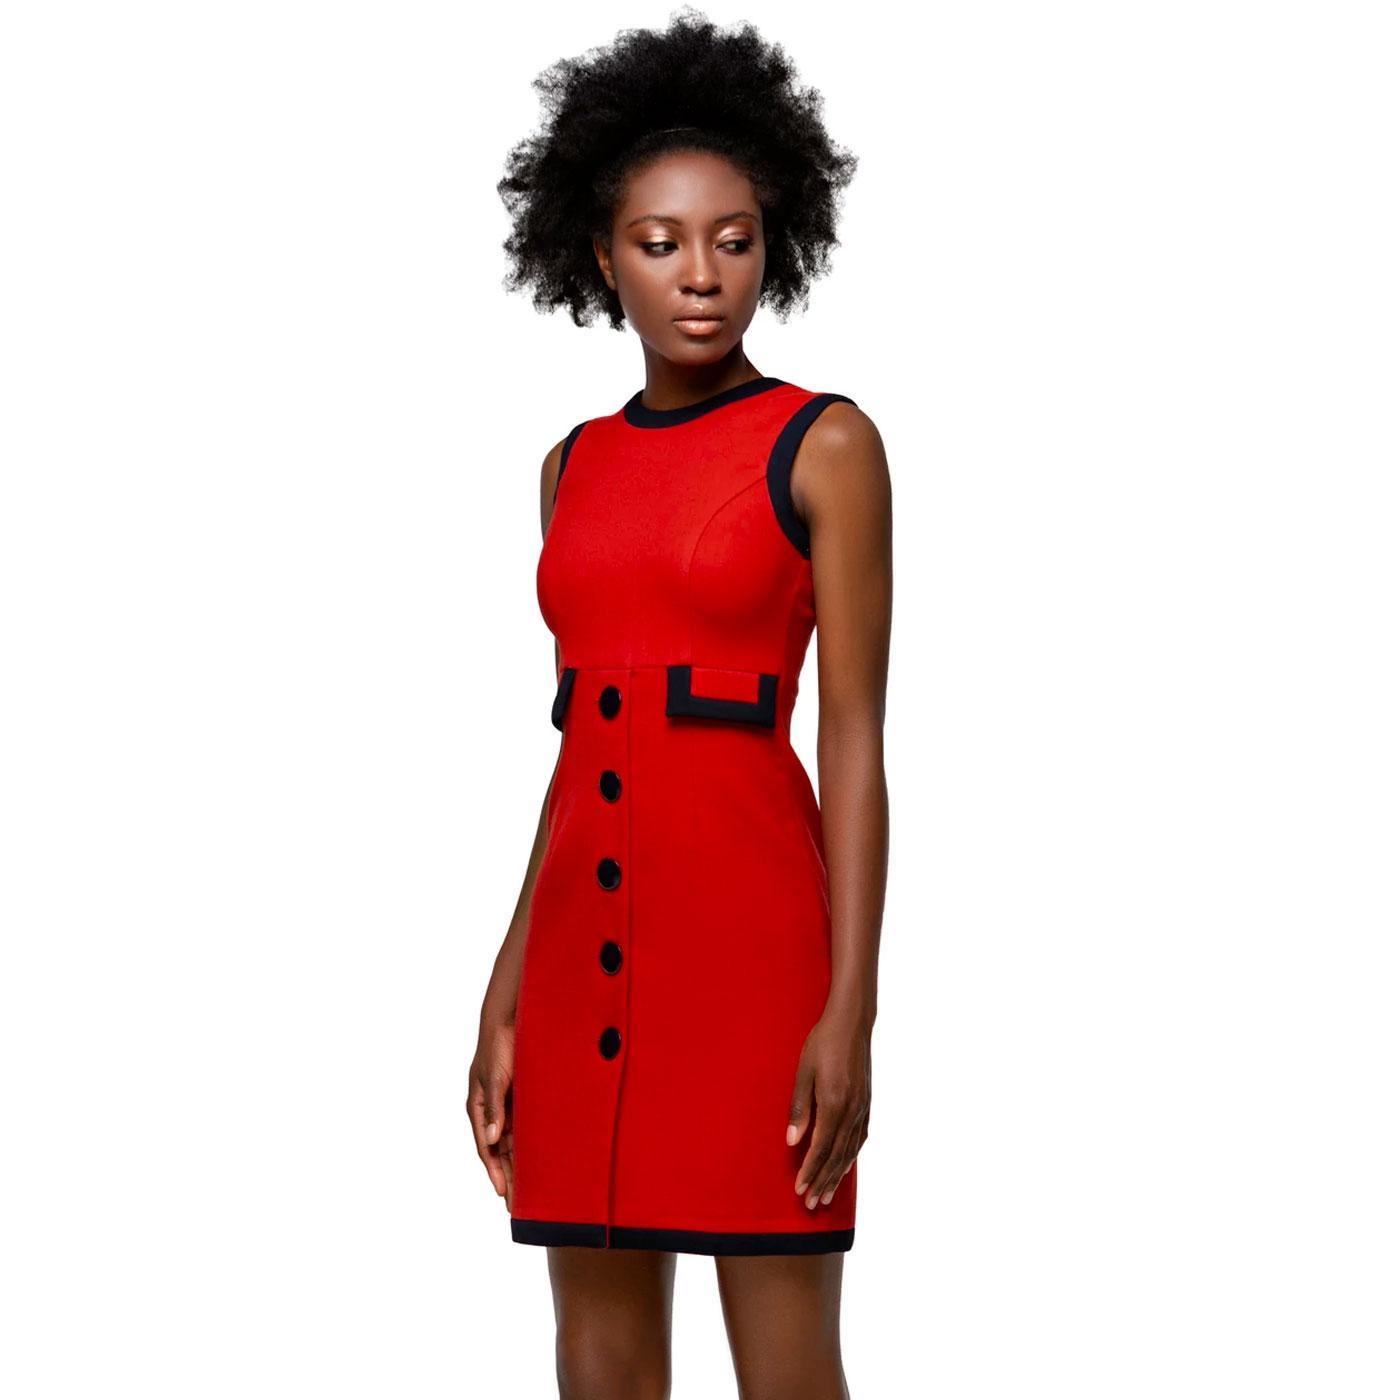 MARMALADE 1960s Black Trim Red Mod Dress